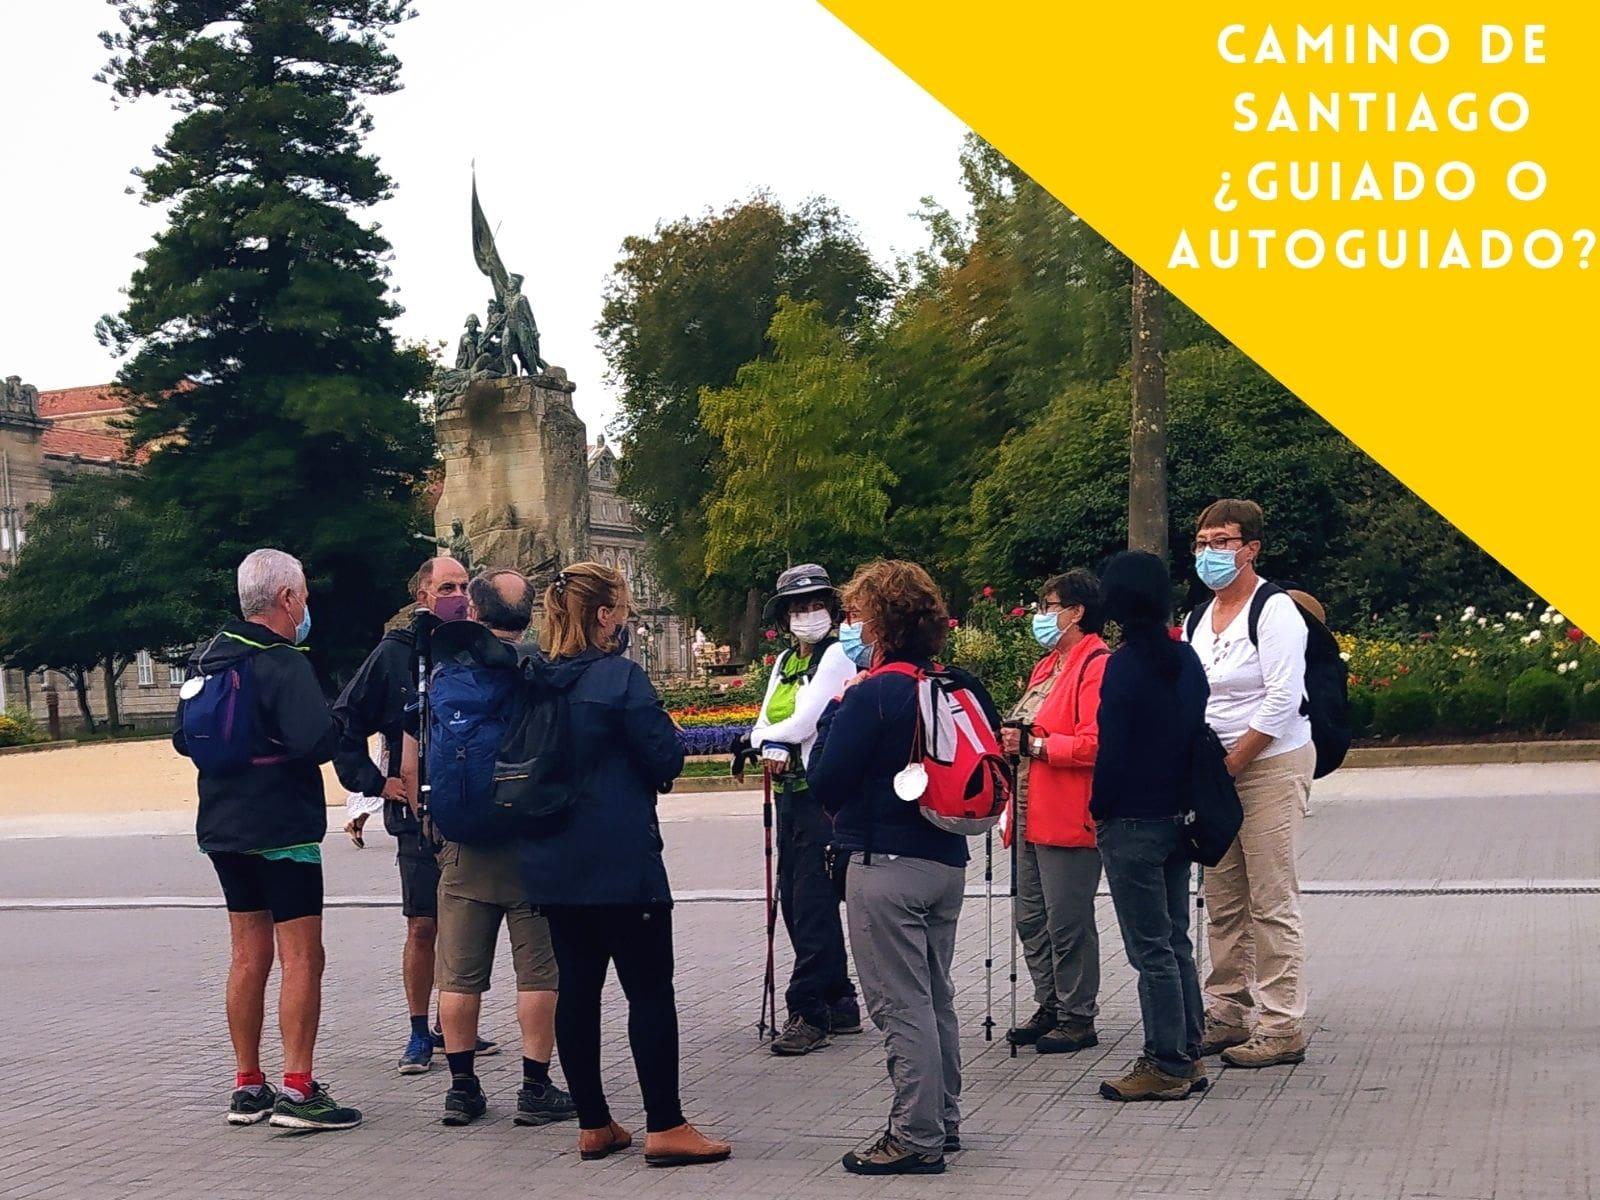 Camino de Santiago ¿guiado o autoguiado?